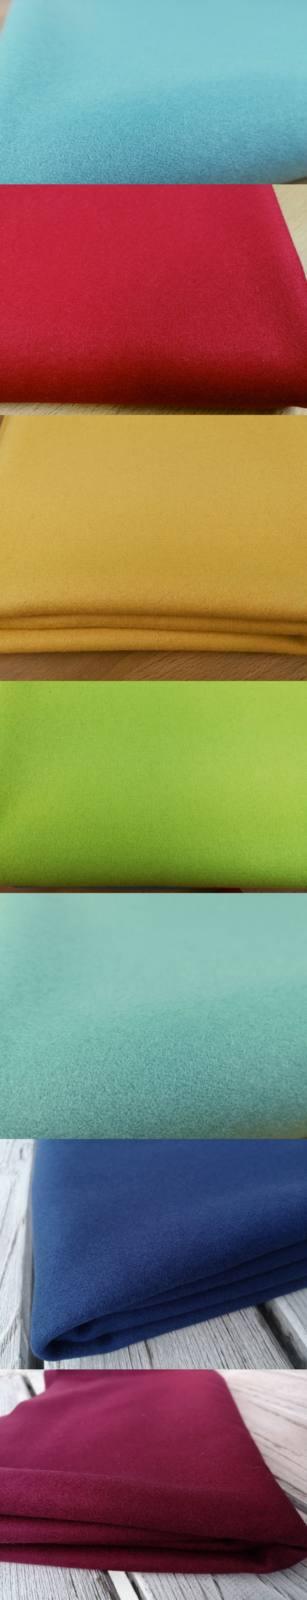 Farbproben Tuchloden bunt